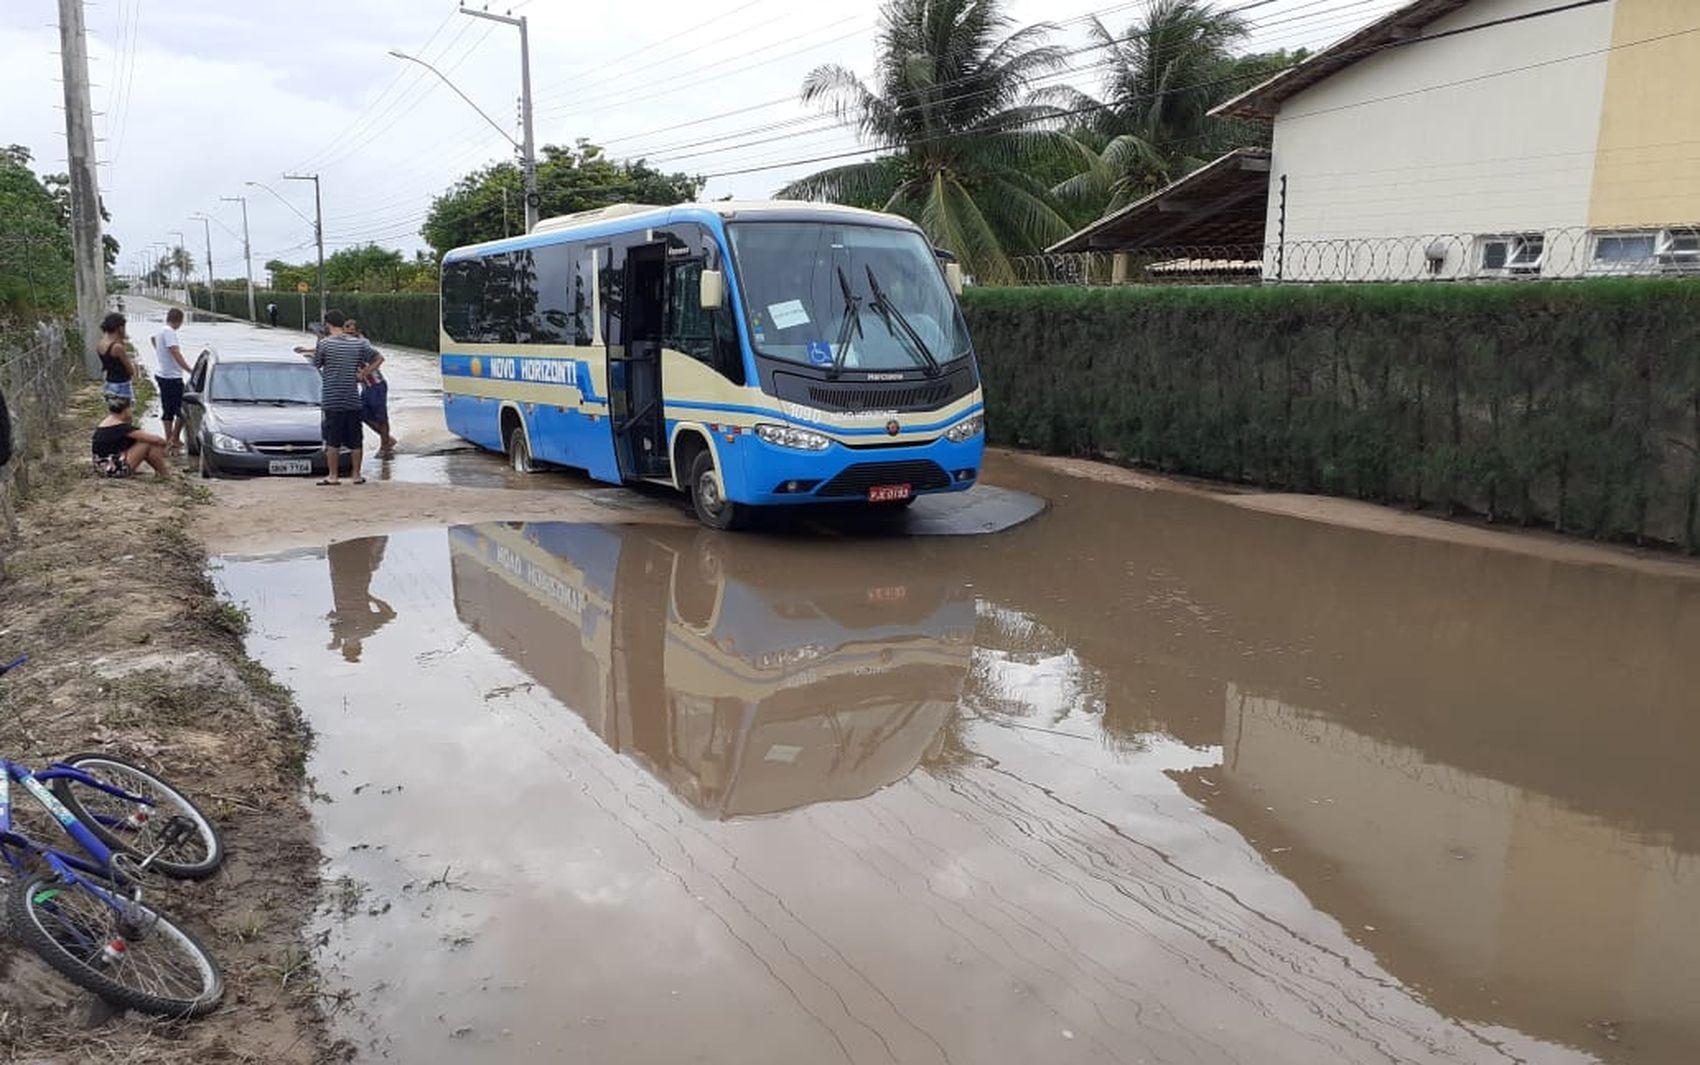 Ônibus cai em buraco na Zona de Expansão de Aracaju